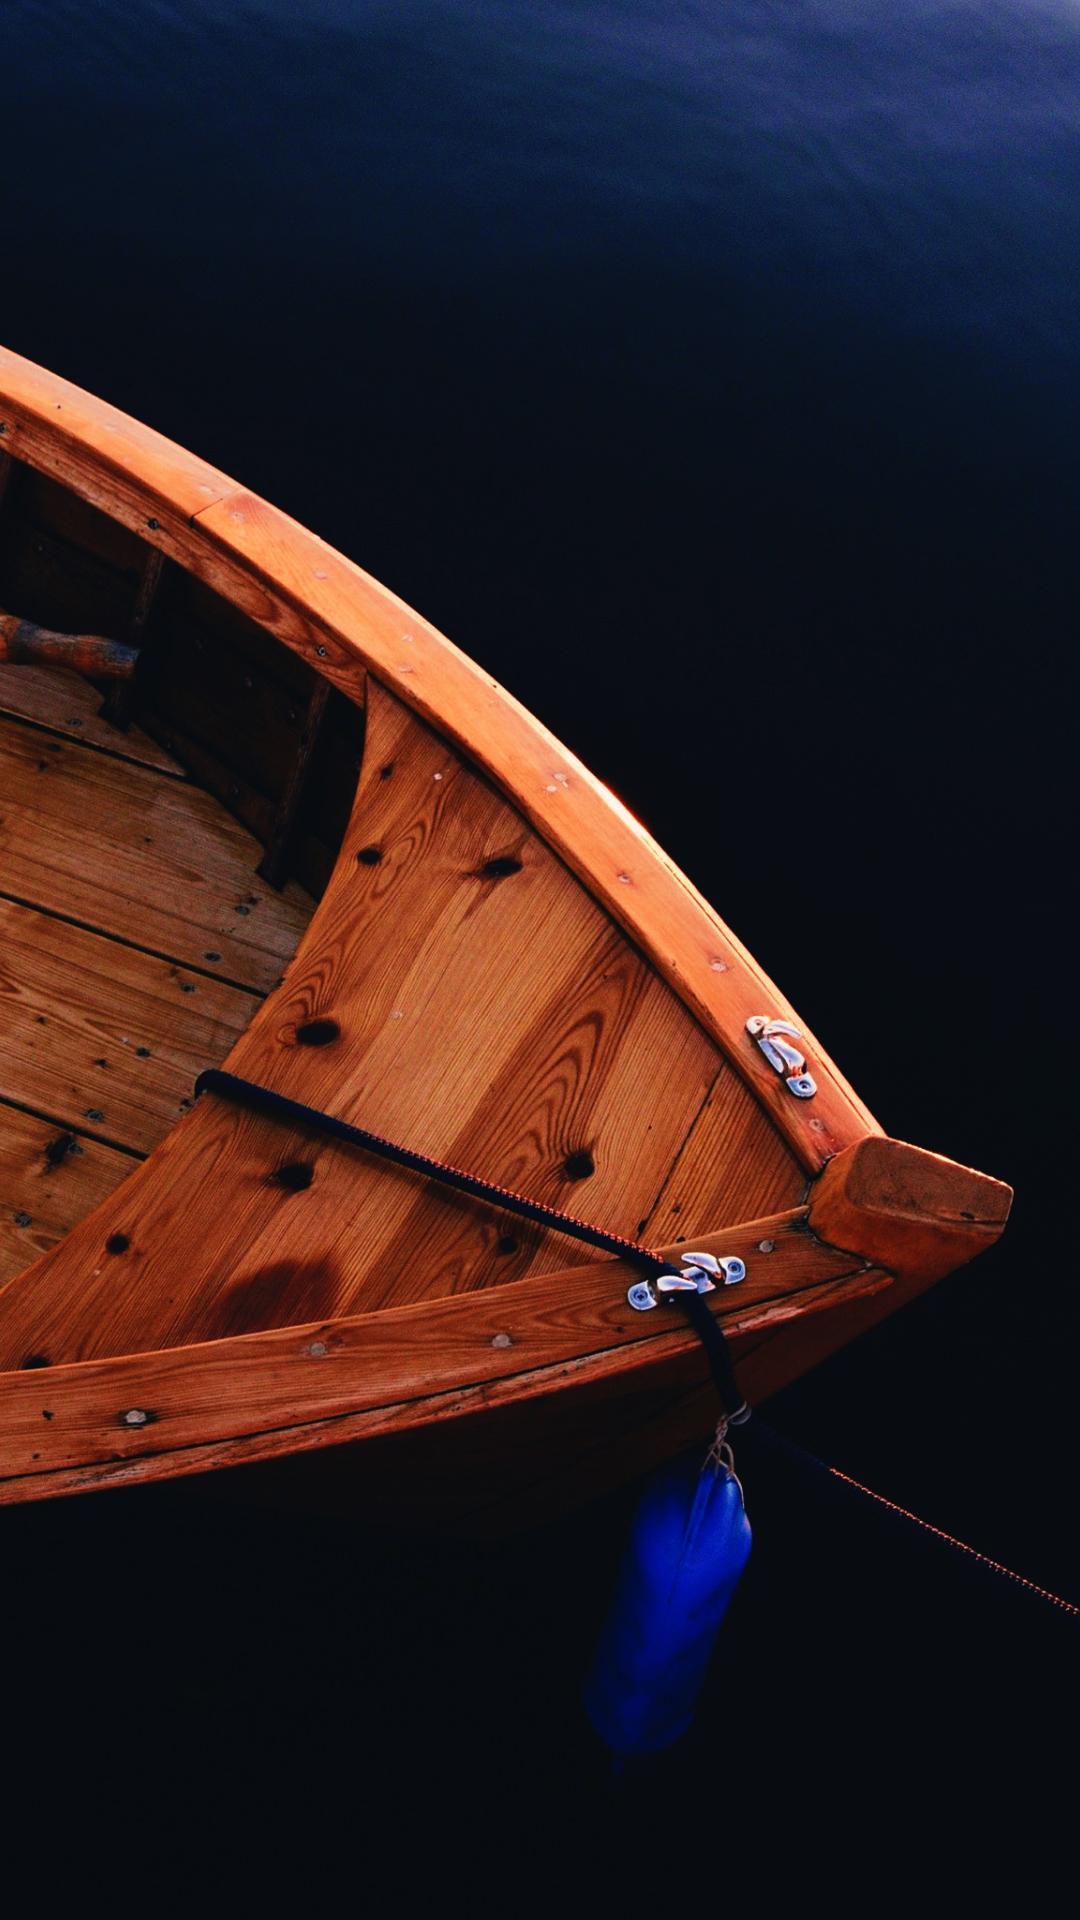 vintage-boat-4457